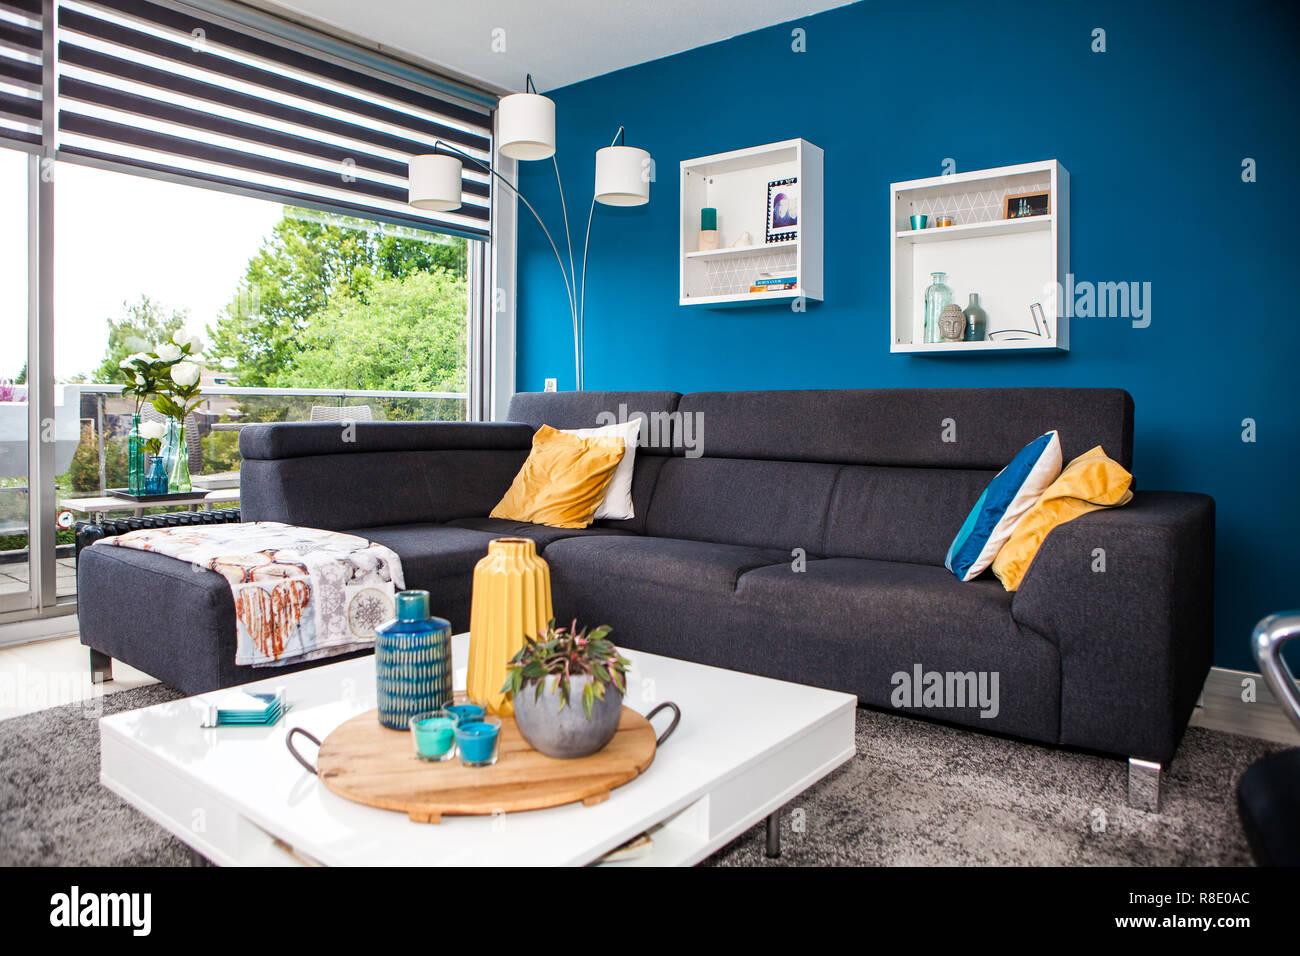 Modernes Wohnzimmer Mit Sofa Und Gelben Und Blauen Farben Stockfoto